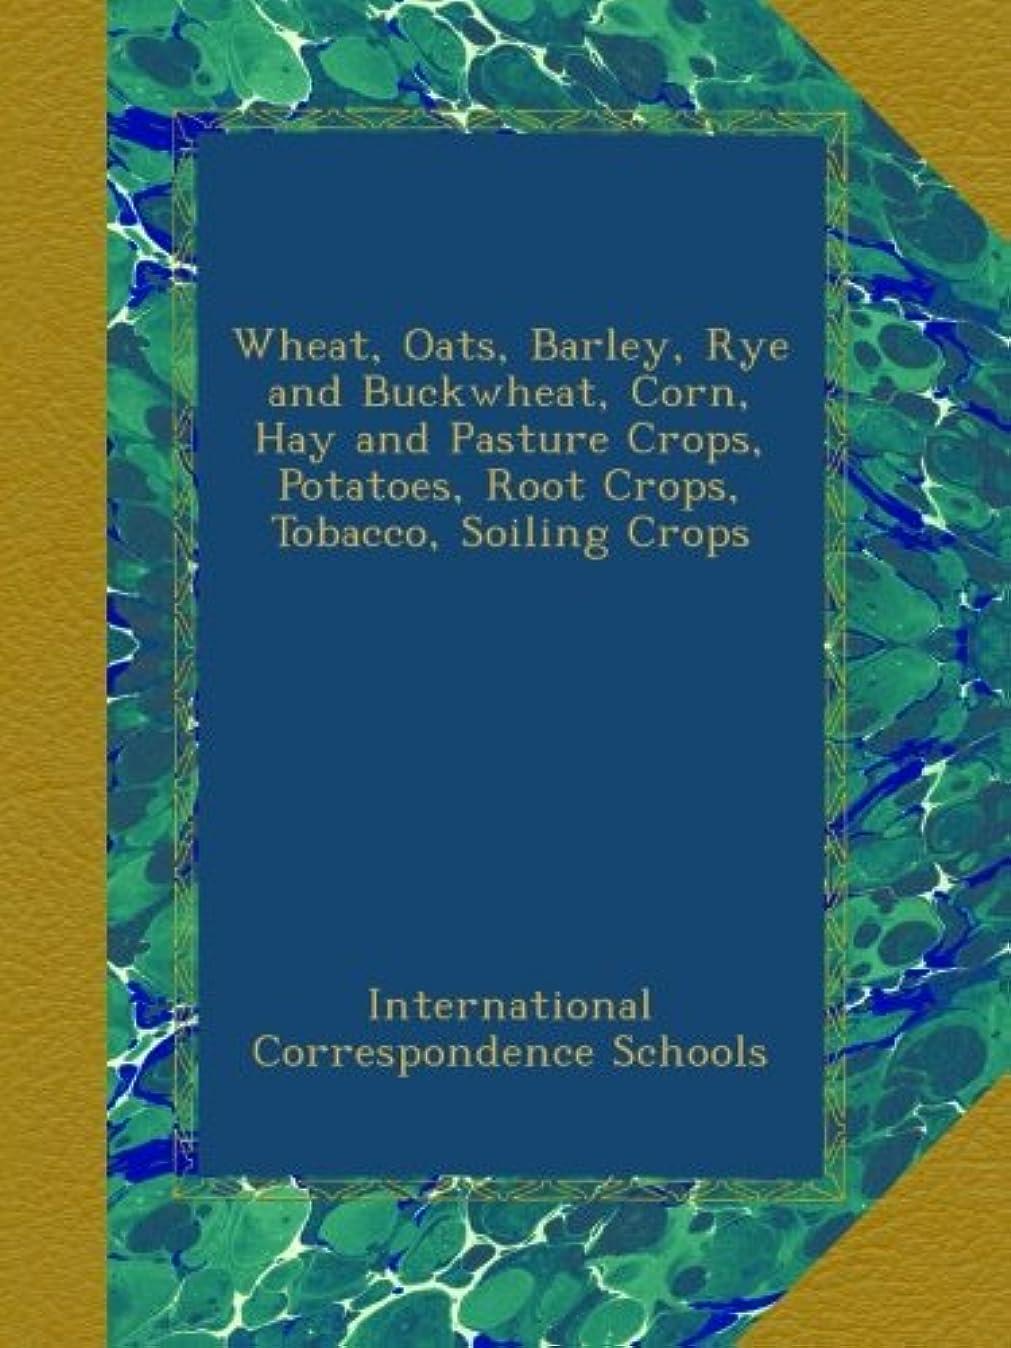 ワイド貨物費やすWheat, Oats, Barley, Rye and Buckwheat, Corn, Hay and Pasture Crops, Potatoes, Root Crops, Tobacco, Soiling Crops